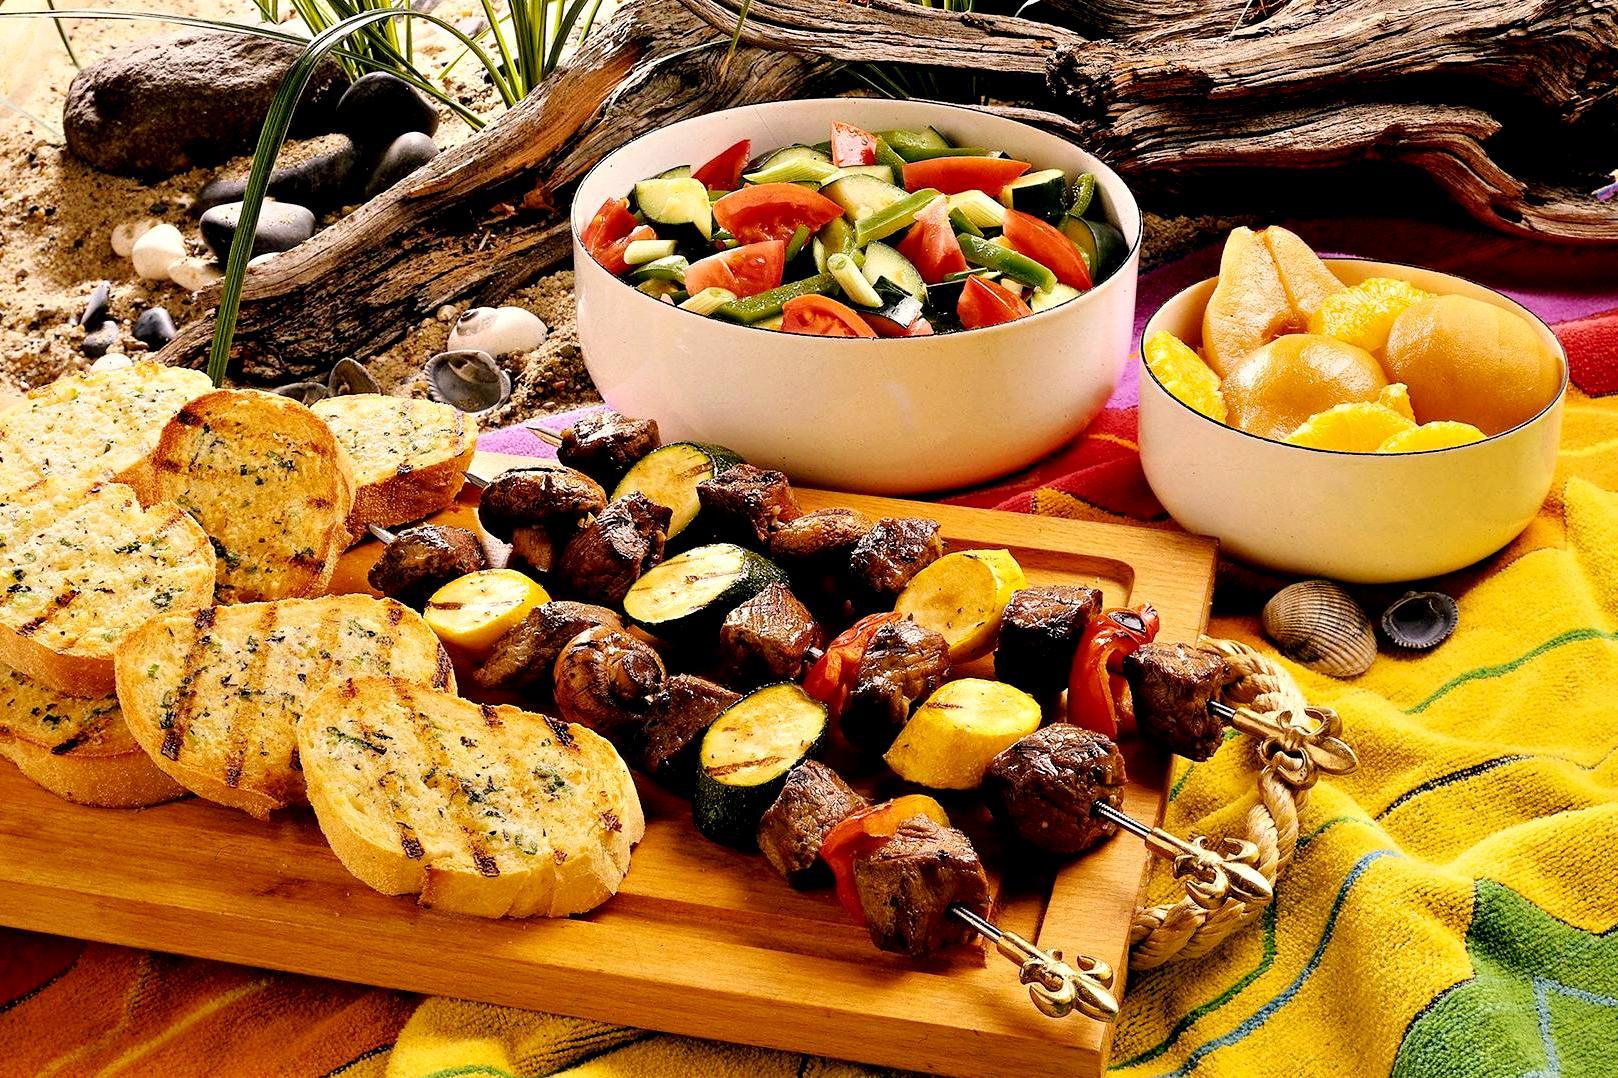 Картинки с вкусным обедом на столе, компе